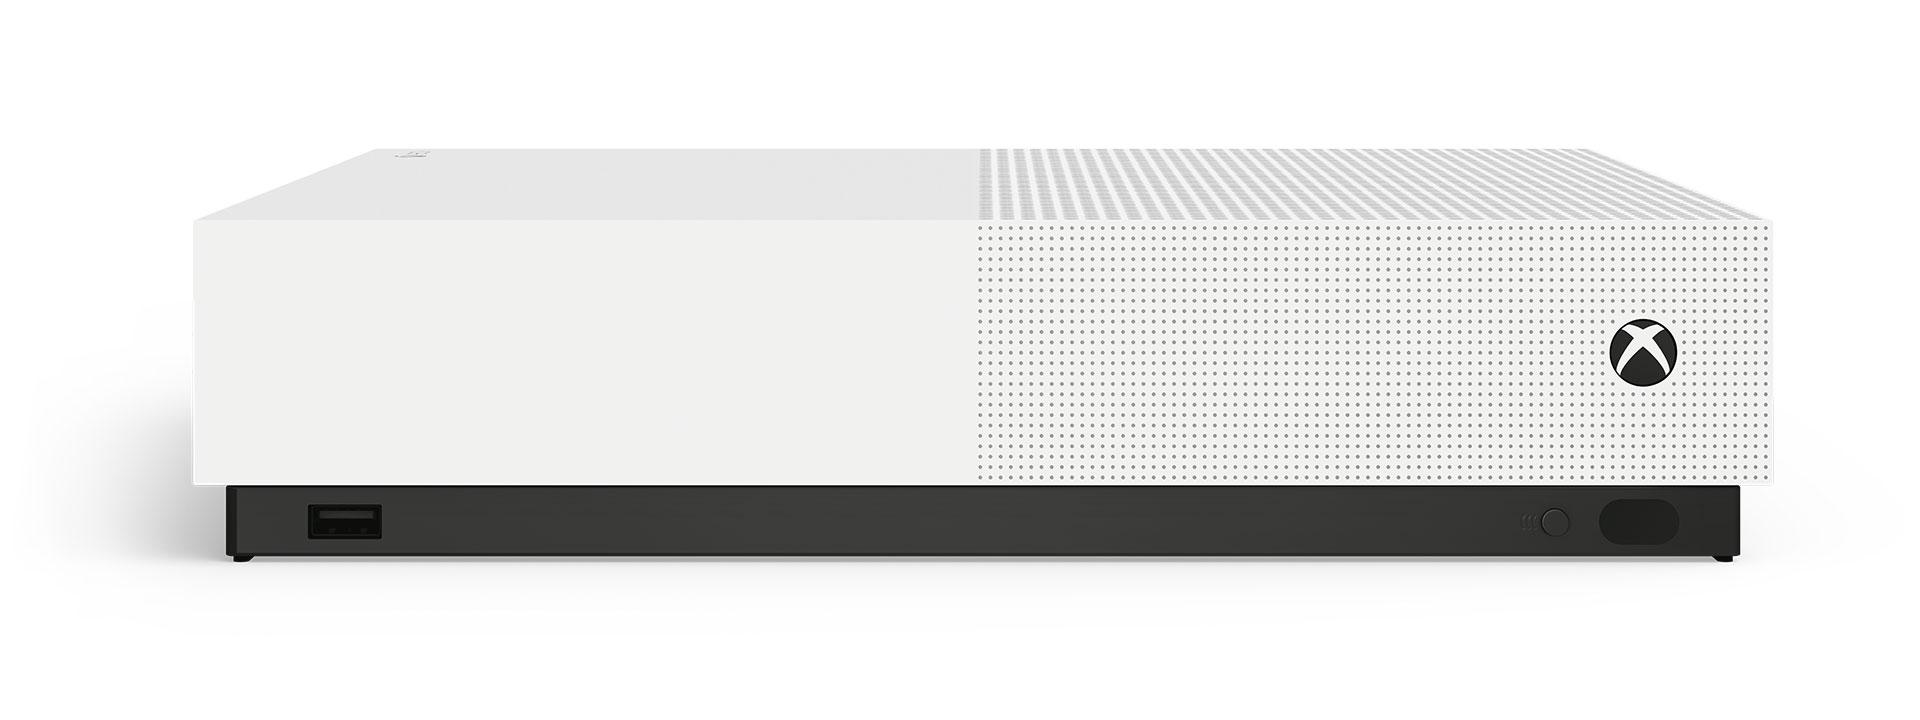 Console XboxOneS avec manette sans fil Xbox